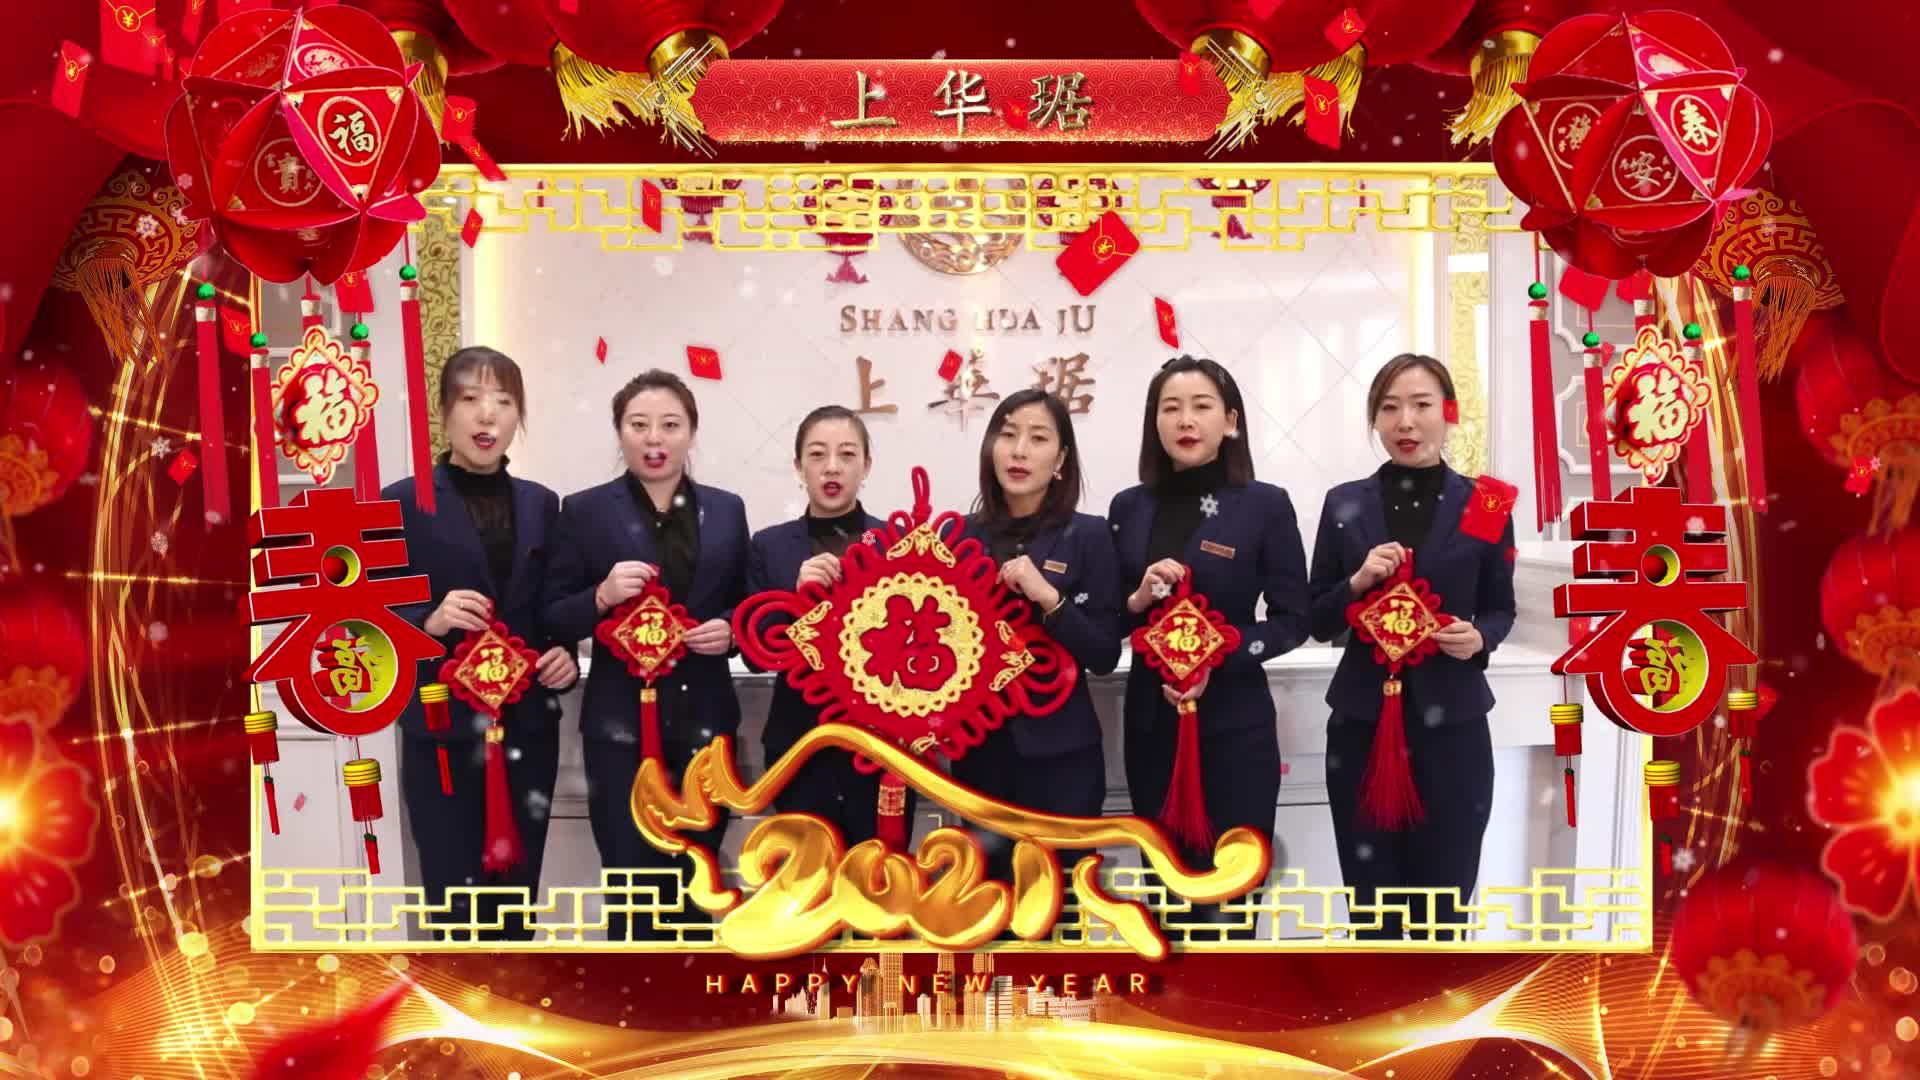 辞旧迎新的时刻 上华琚2021新春大拜年!